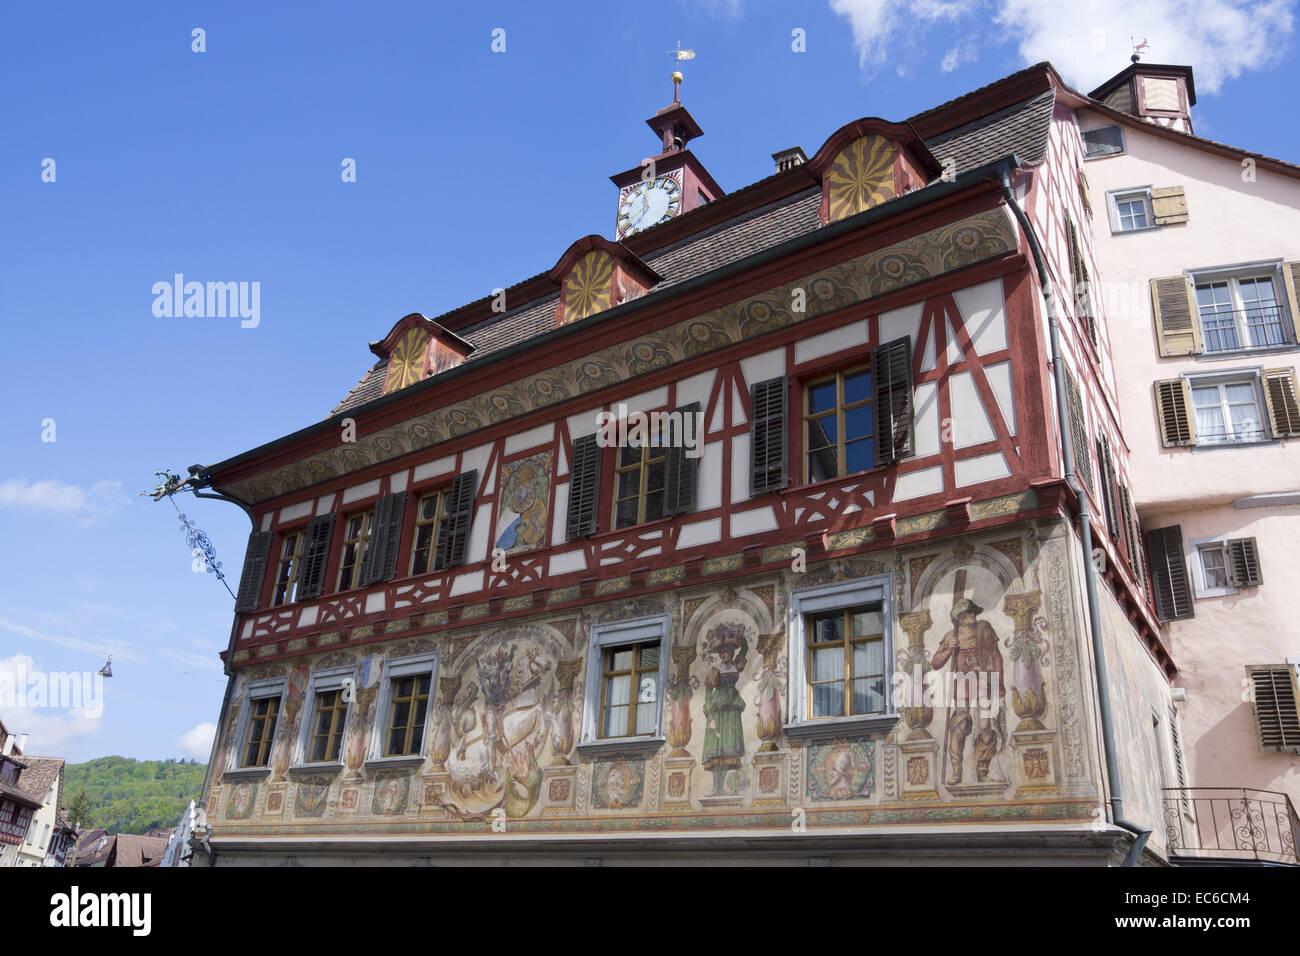 Kanton Schaffhausen Stock Photos Kanton Schaffhausen Stock Images